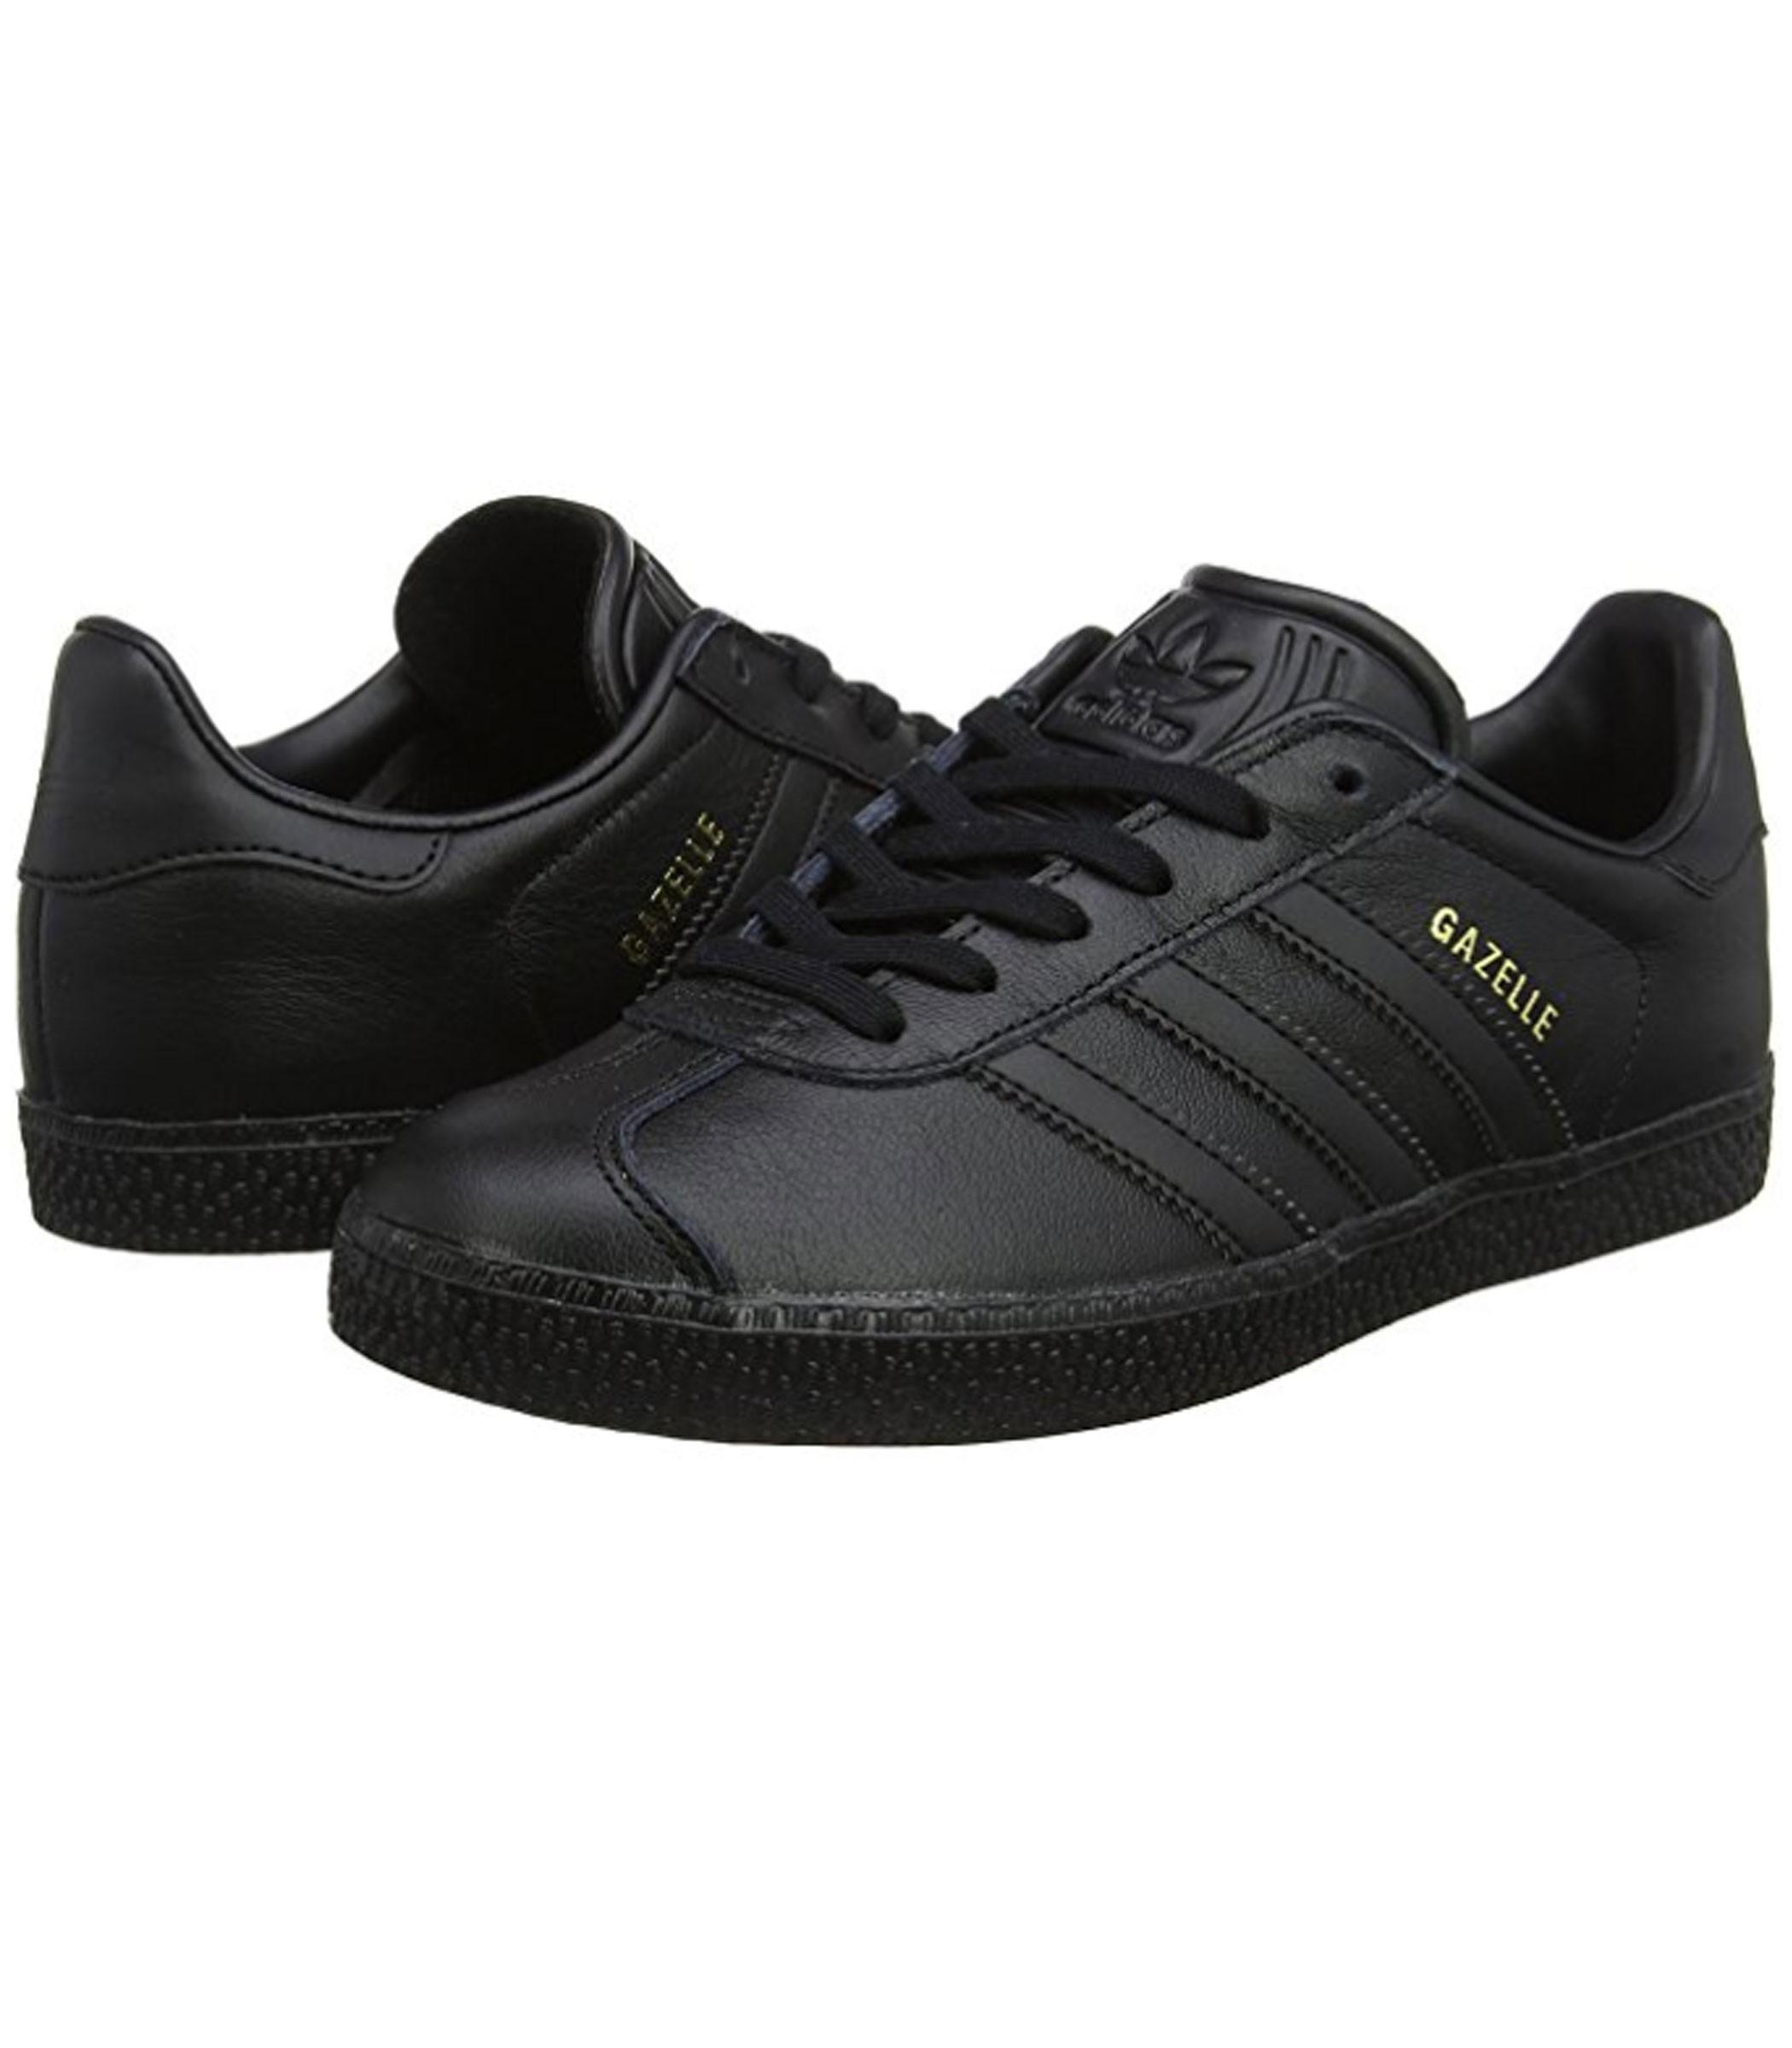 Scarpe da ginnastica Adidas Gazelle Donna rif. BY9146